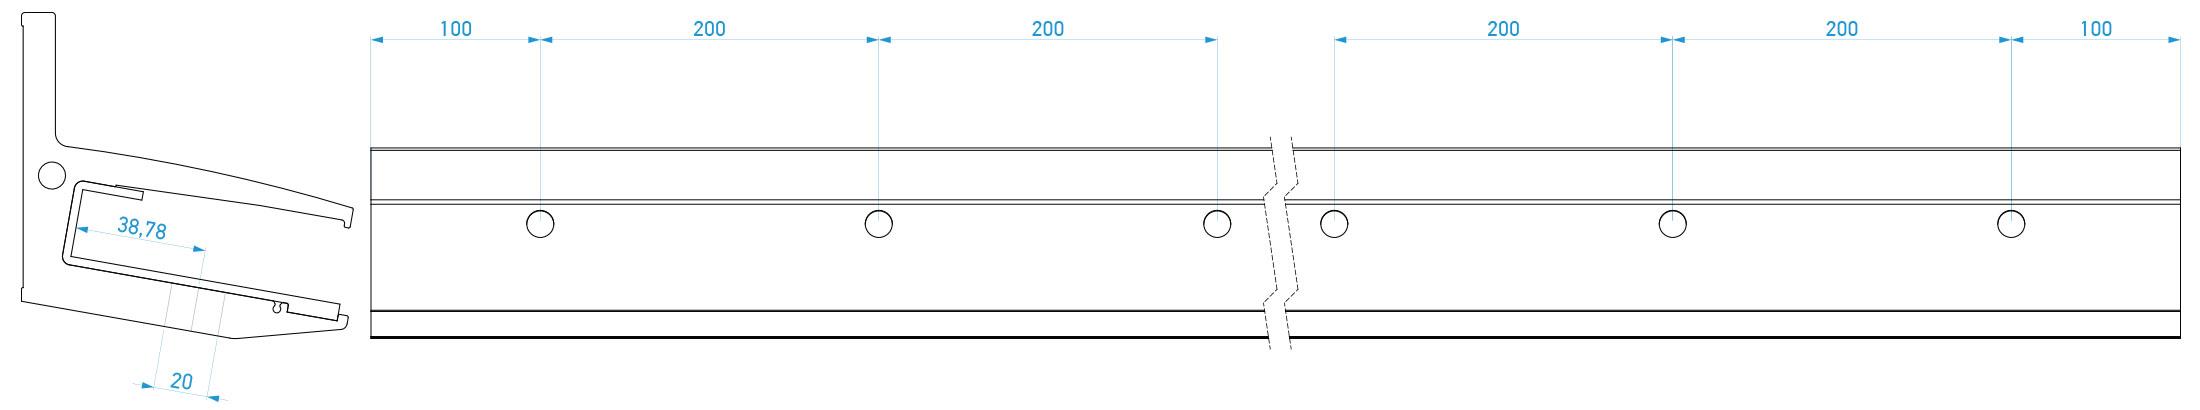 Priprema stakla za ugradnju staklene nadstrešnice N100